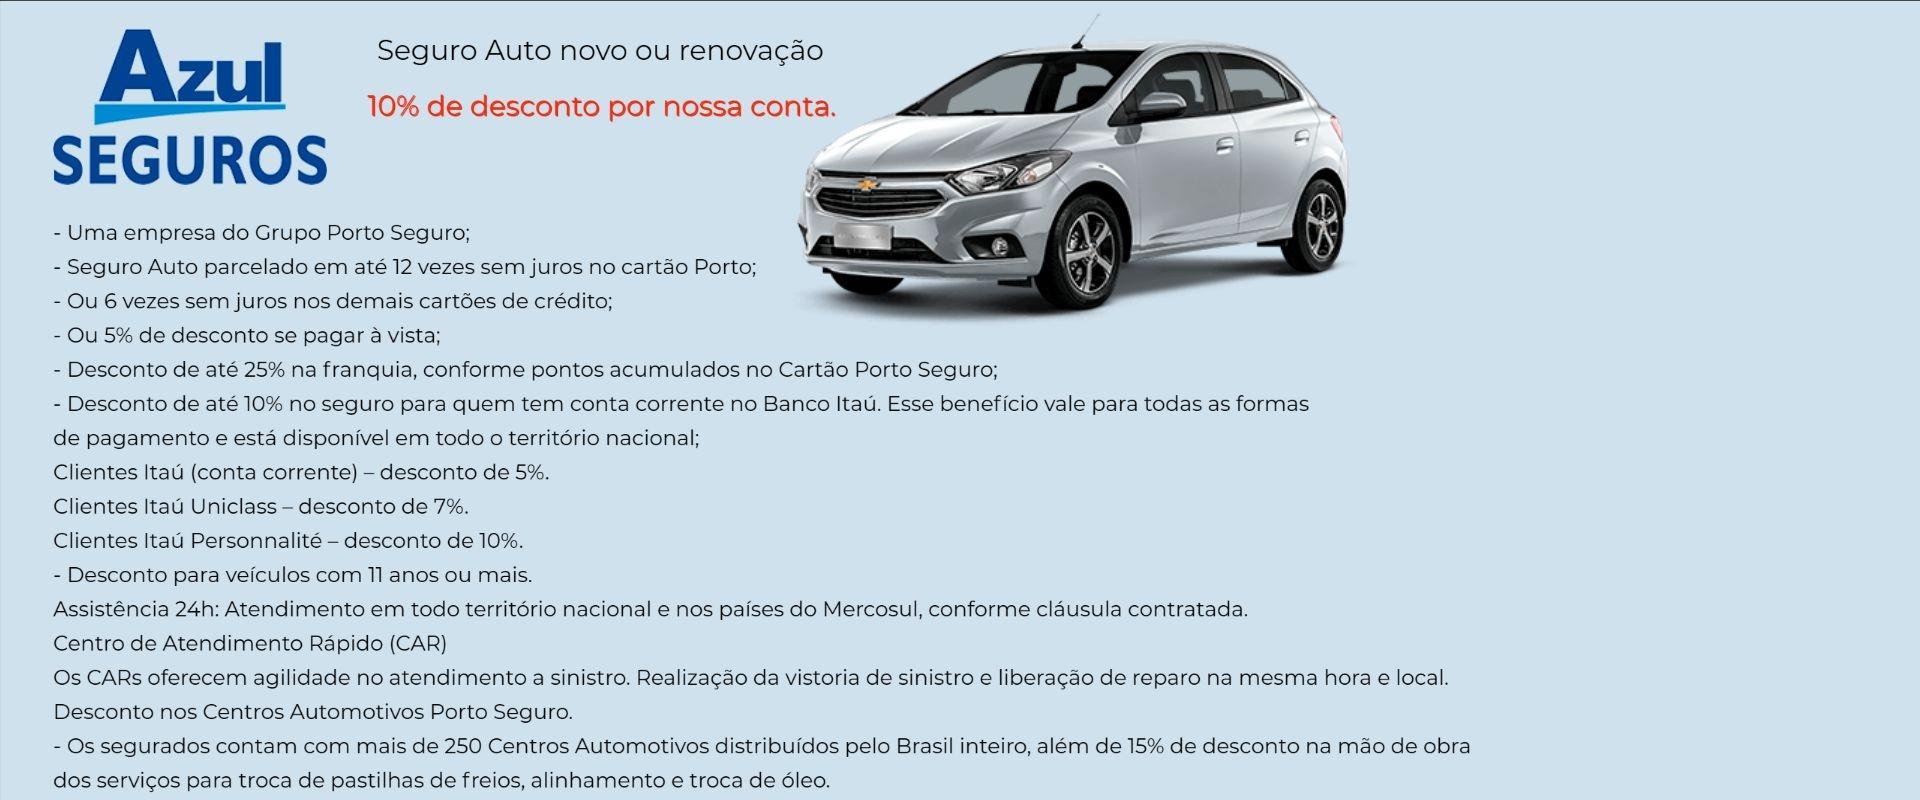 Azul Seguro Auto com Desconto em Artur Nogueira